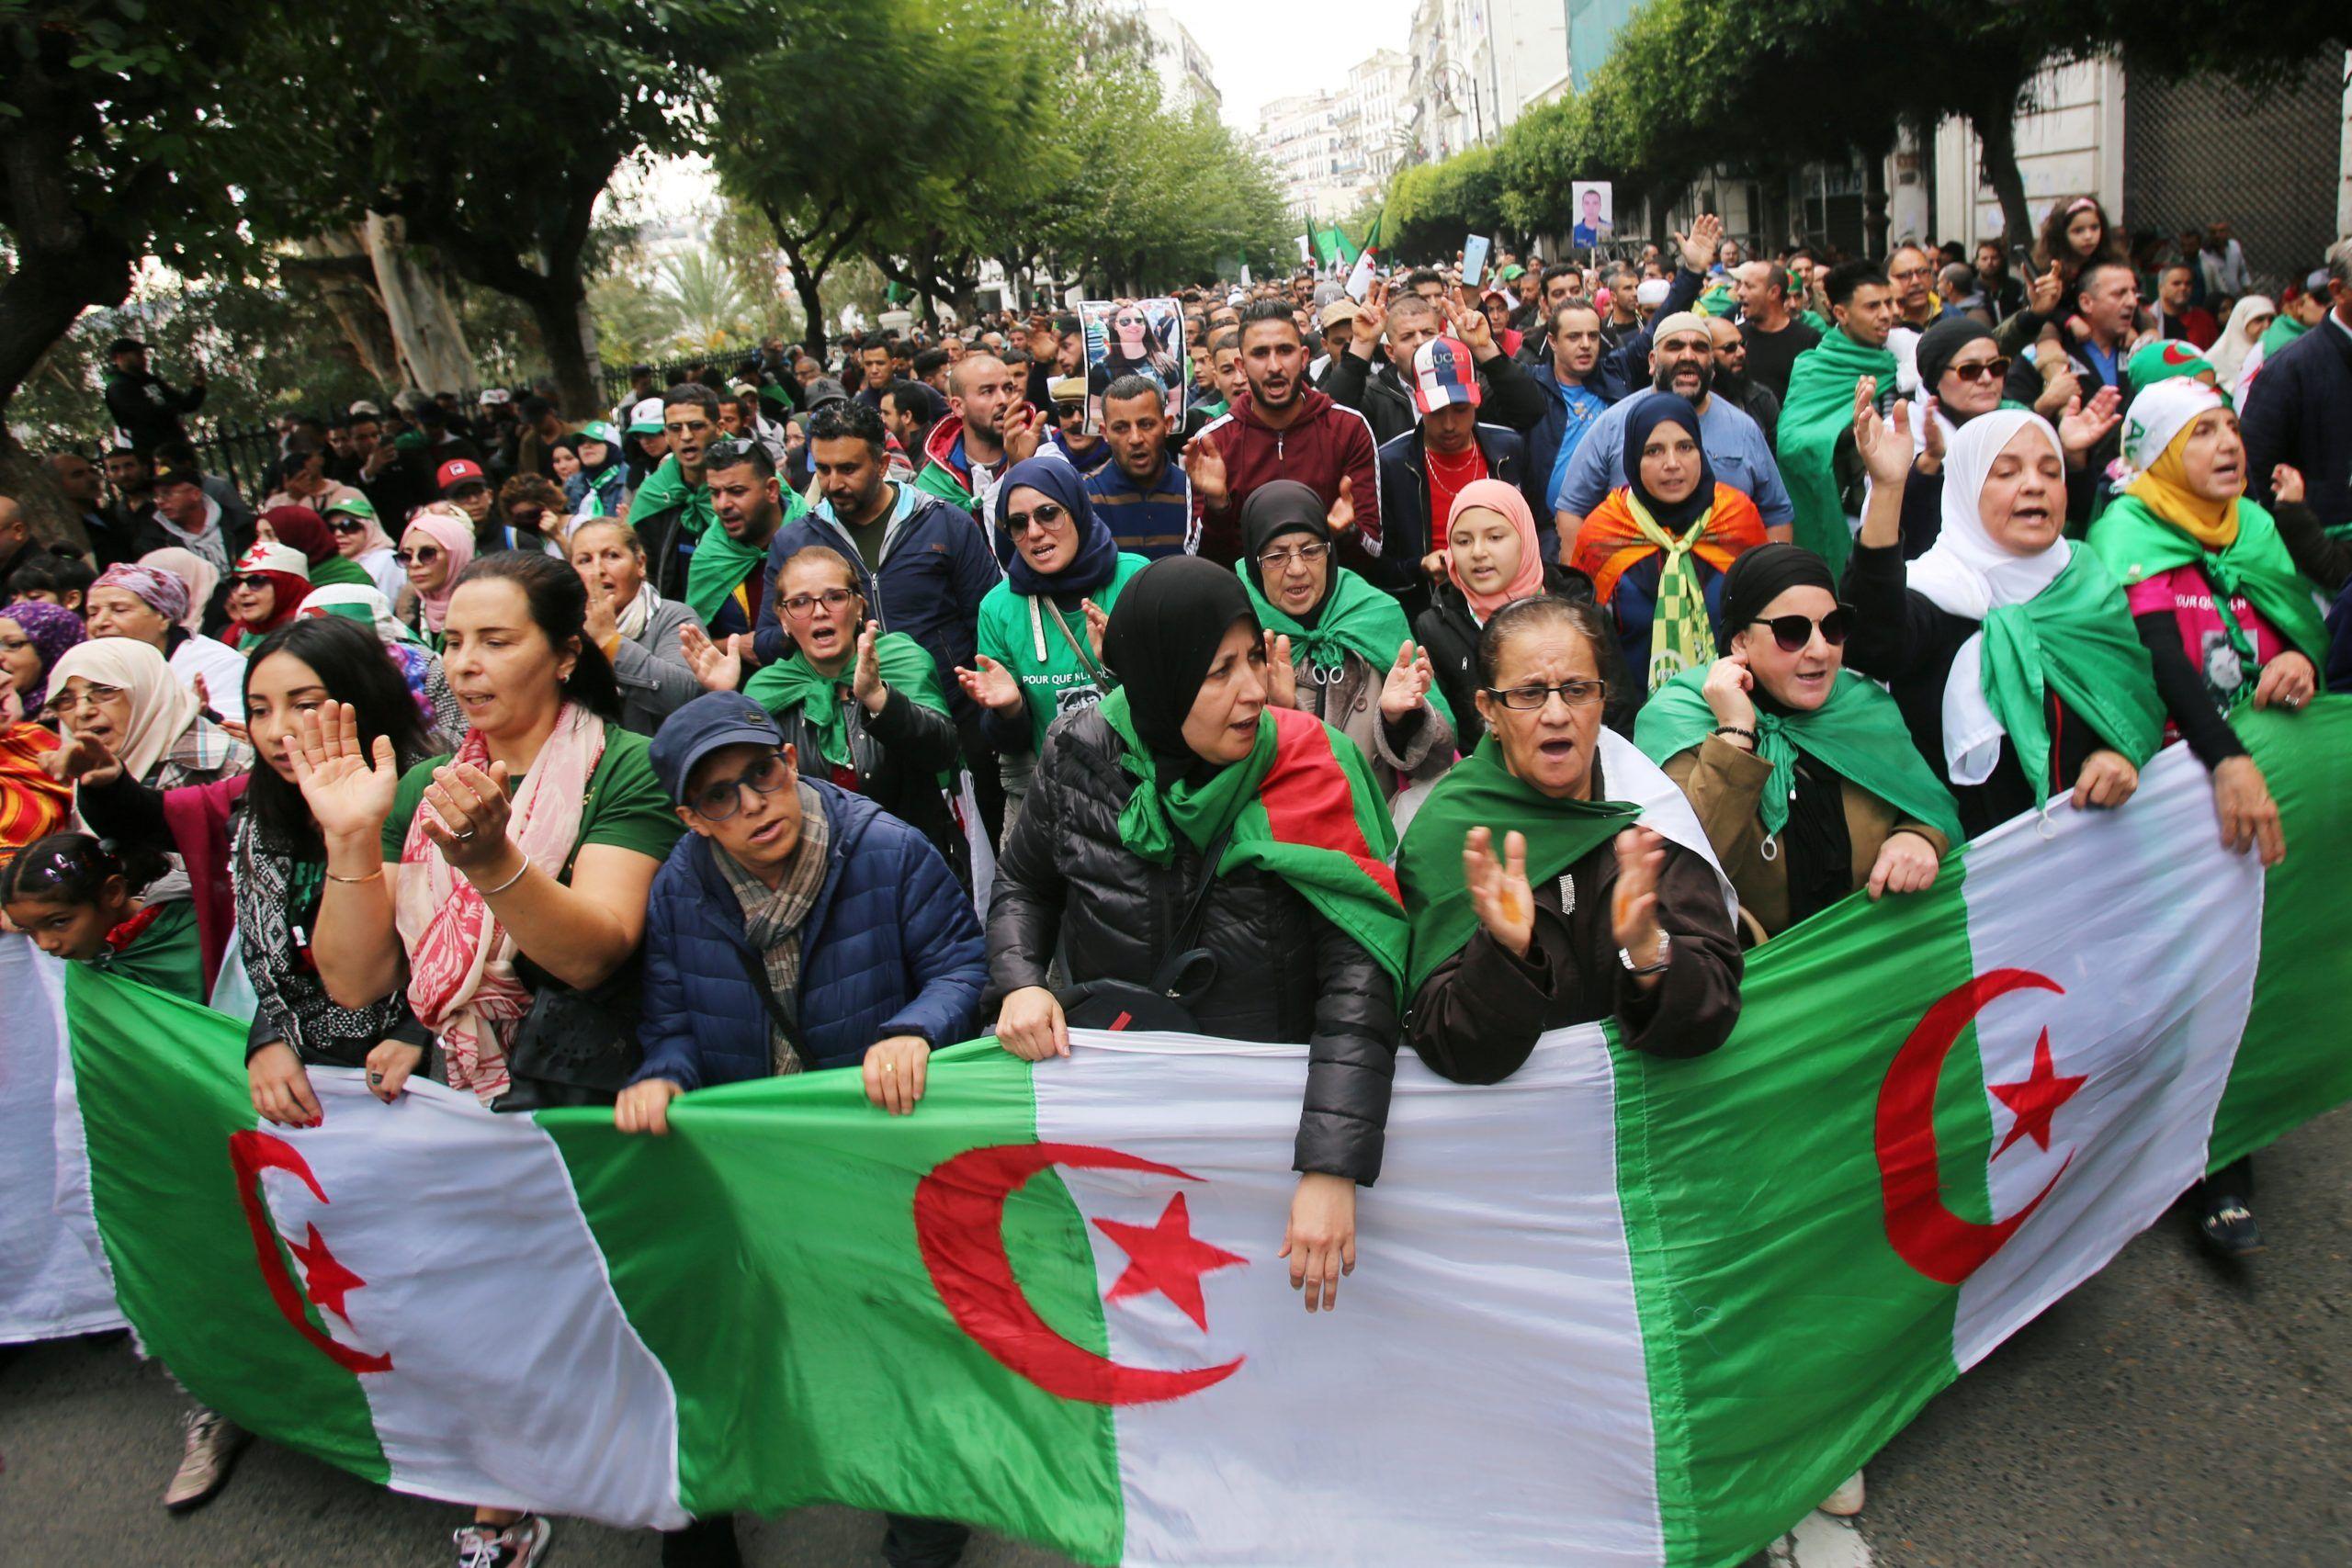 الجزائر: قوى غير وطنية تسعى لتحويل الحراك الشعبي الى تمرد